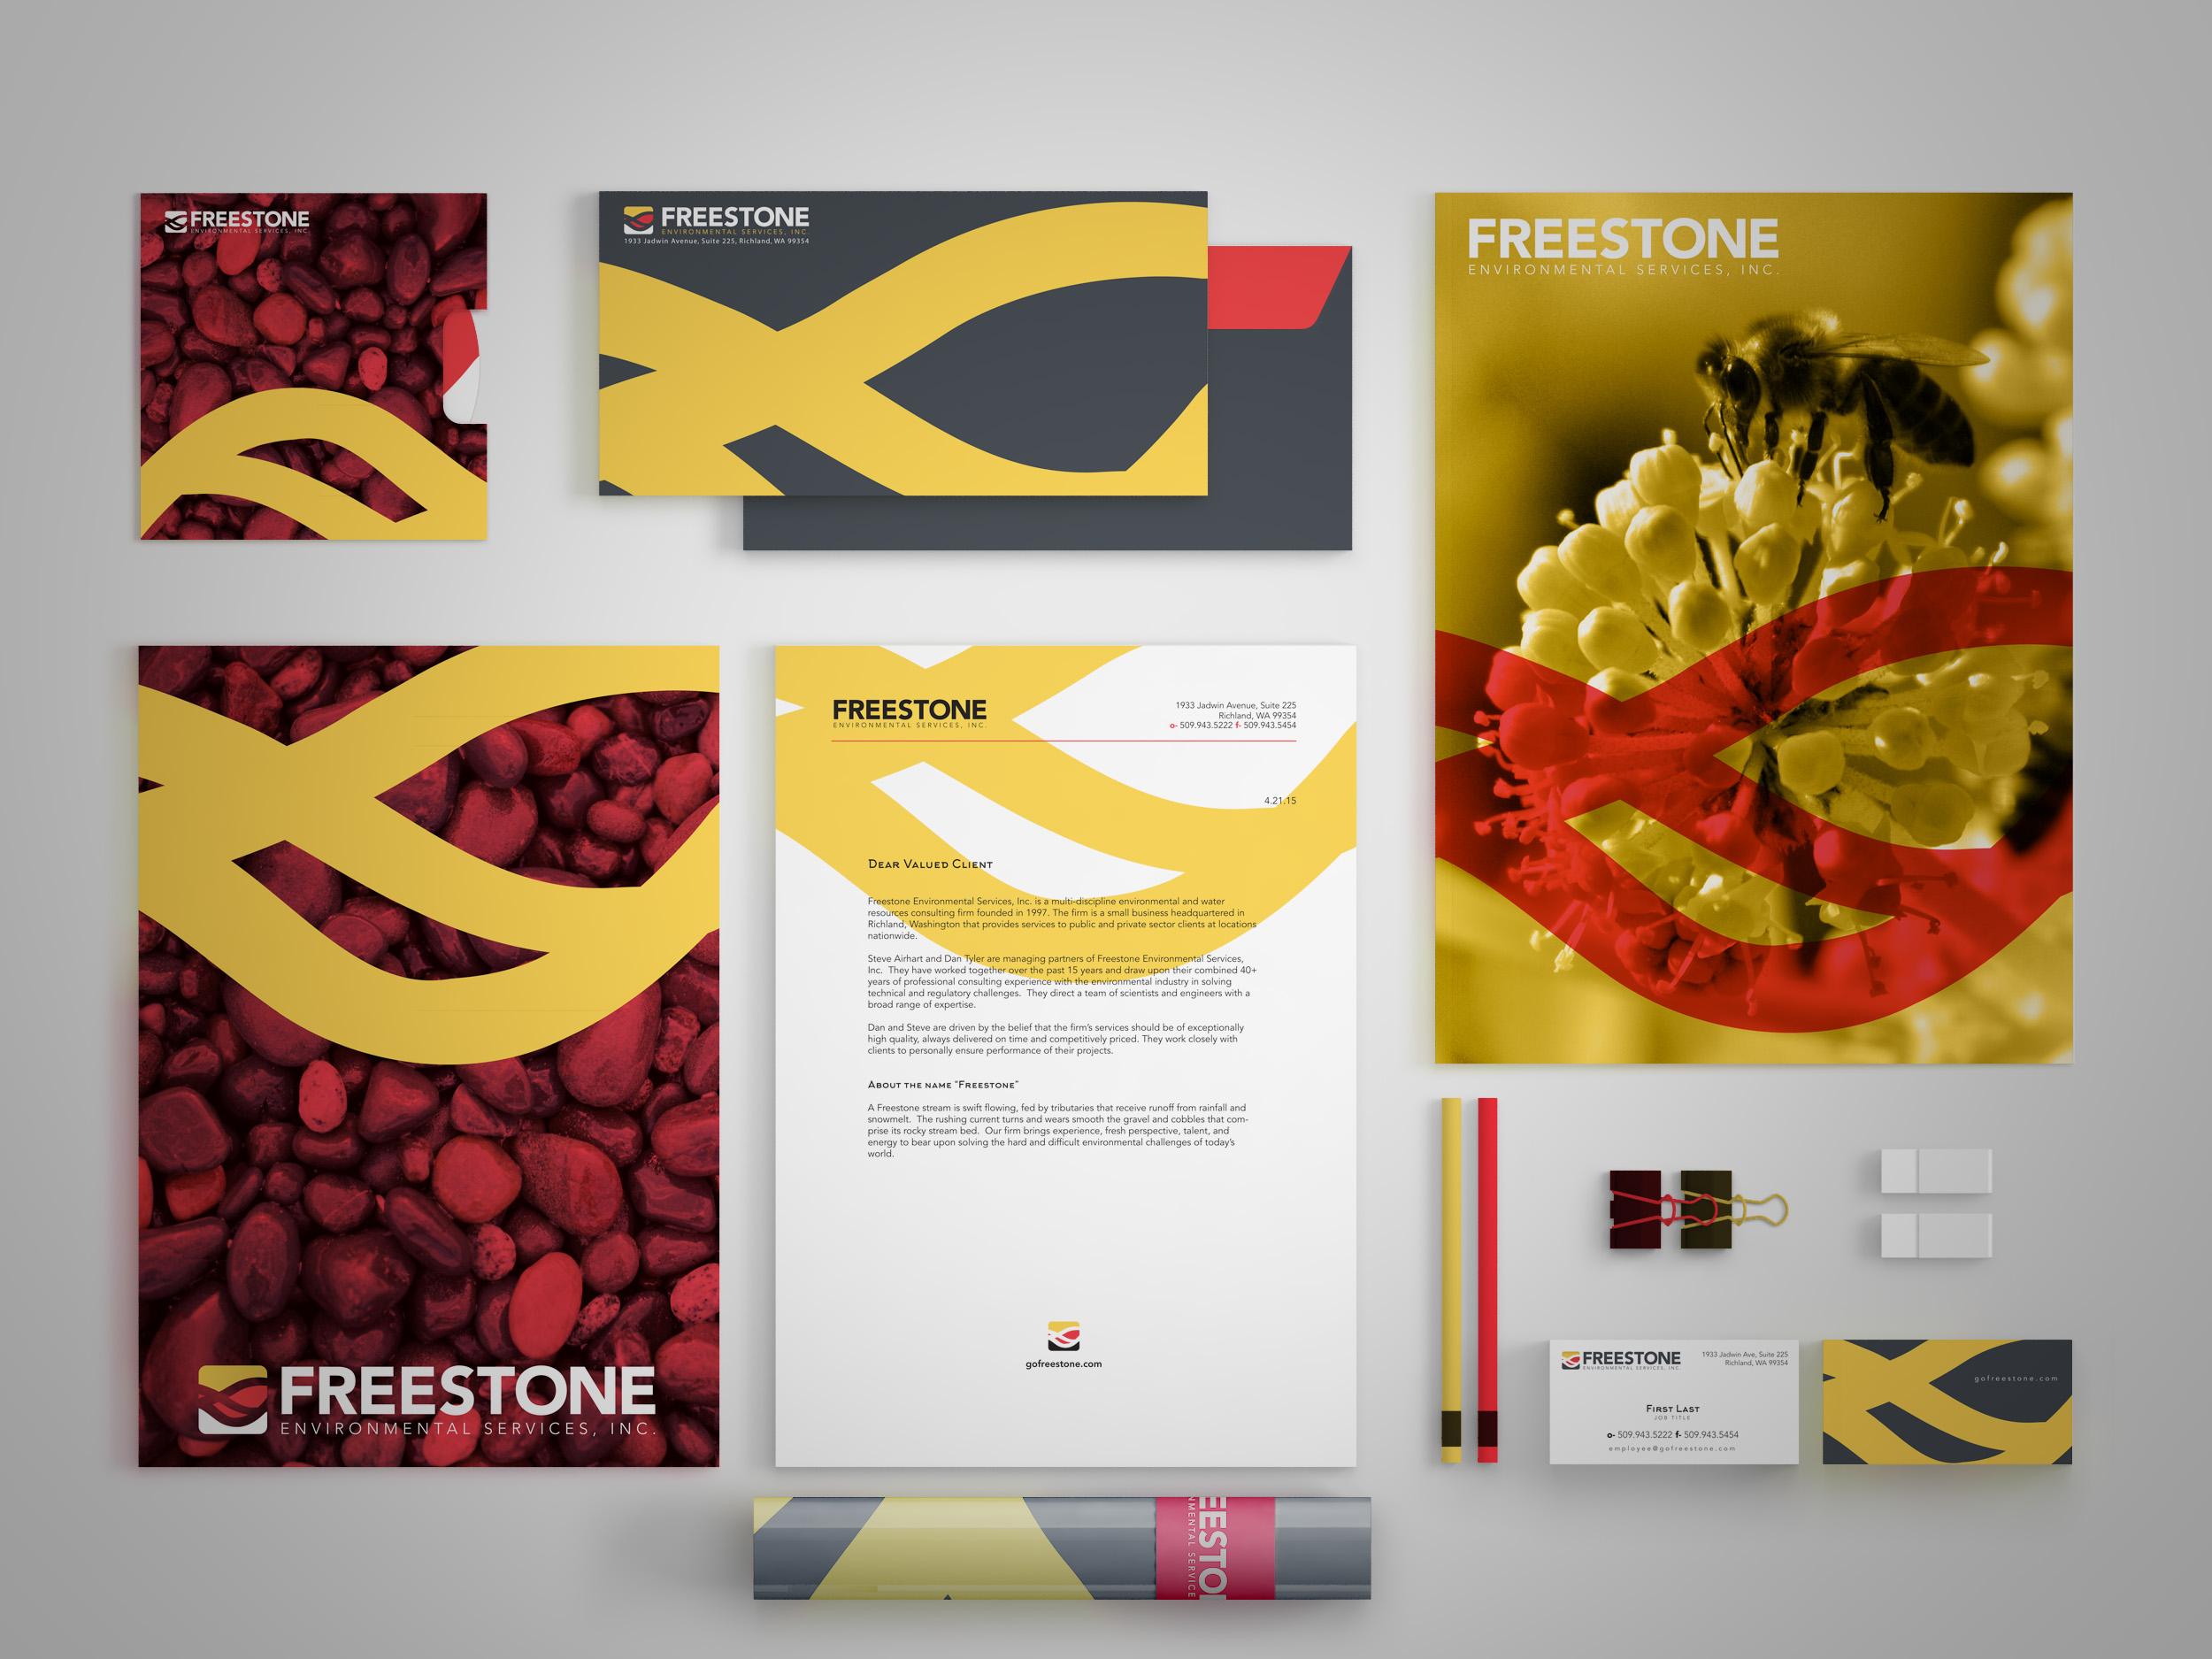 Freestone Environmental Inc.